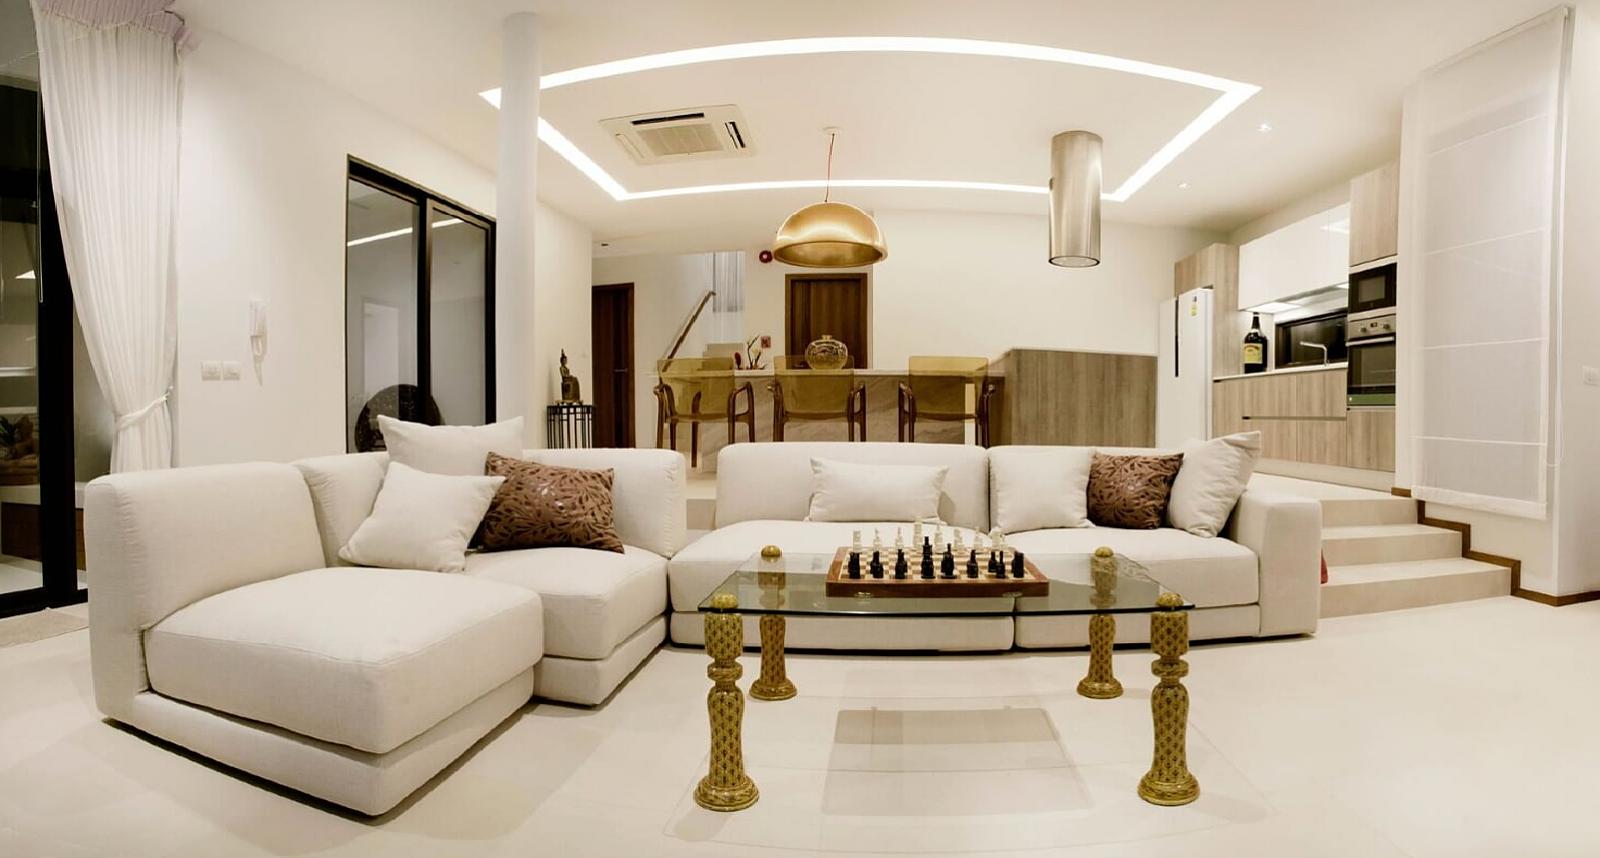 demarche pour vendre une maison morbi accumsan ipsum. Black Bedroom Furniture Sets. Home Design Ideas